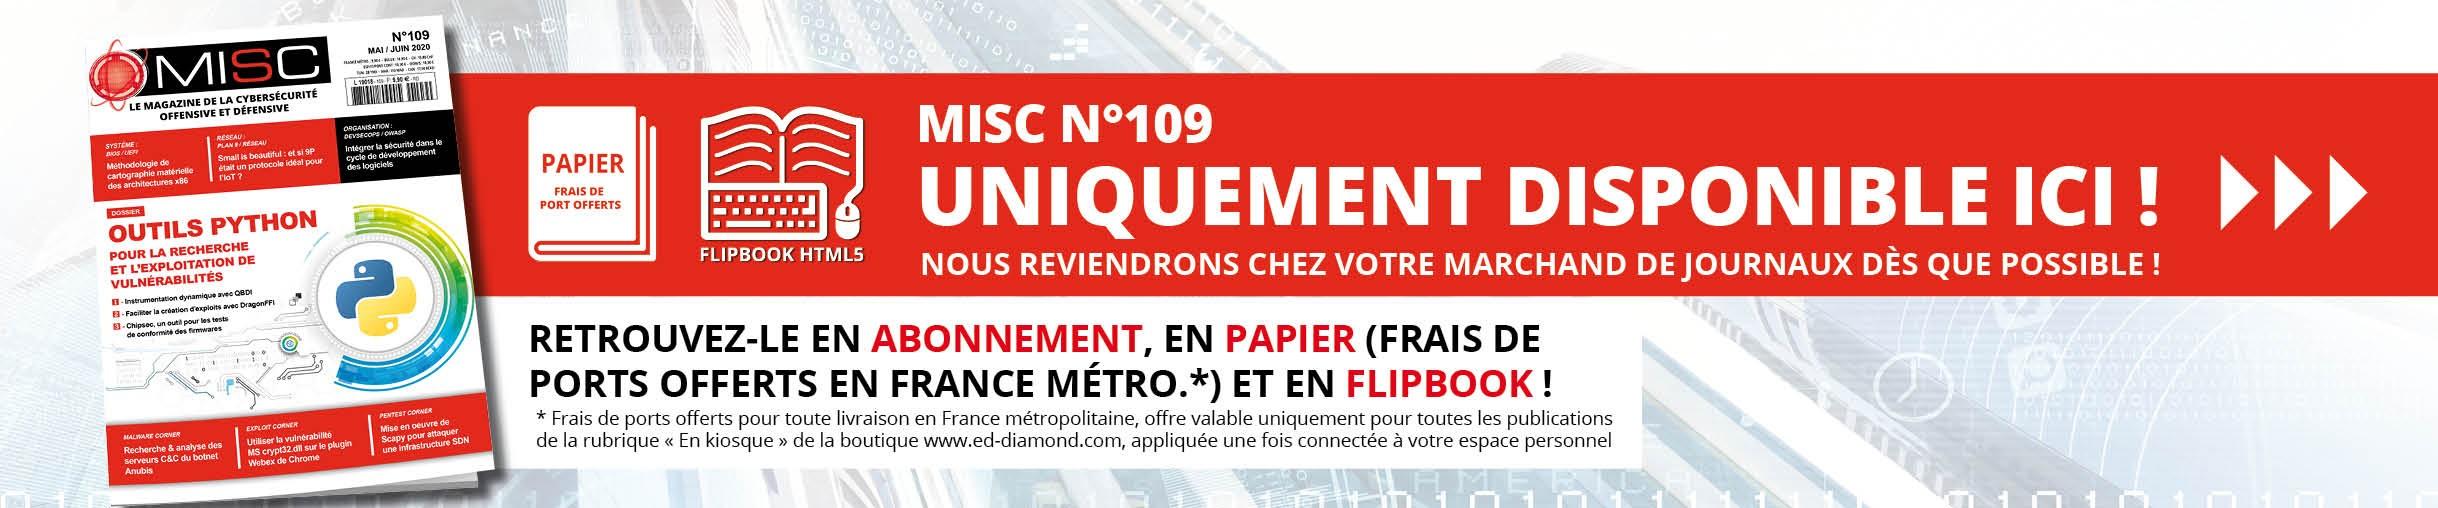 MISC n°109